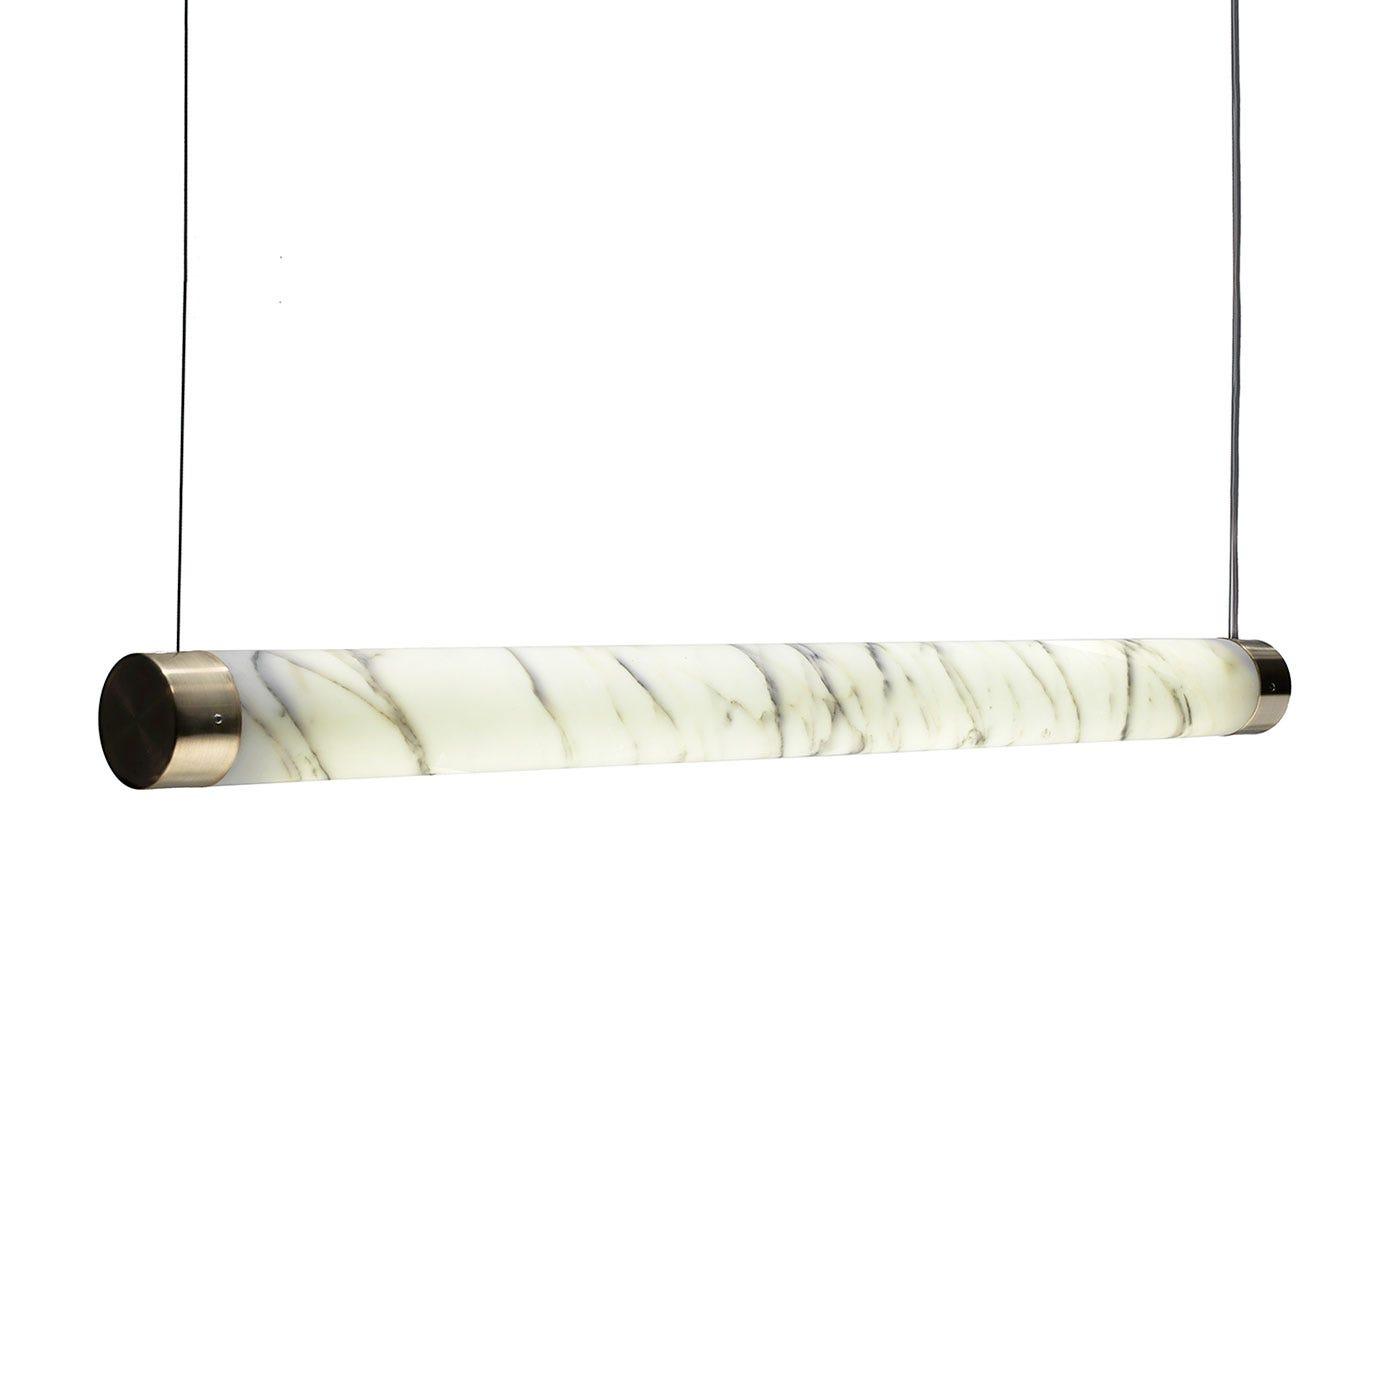 Marble Tube Light